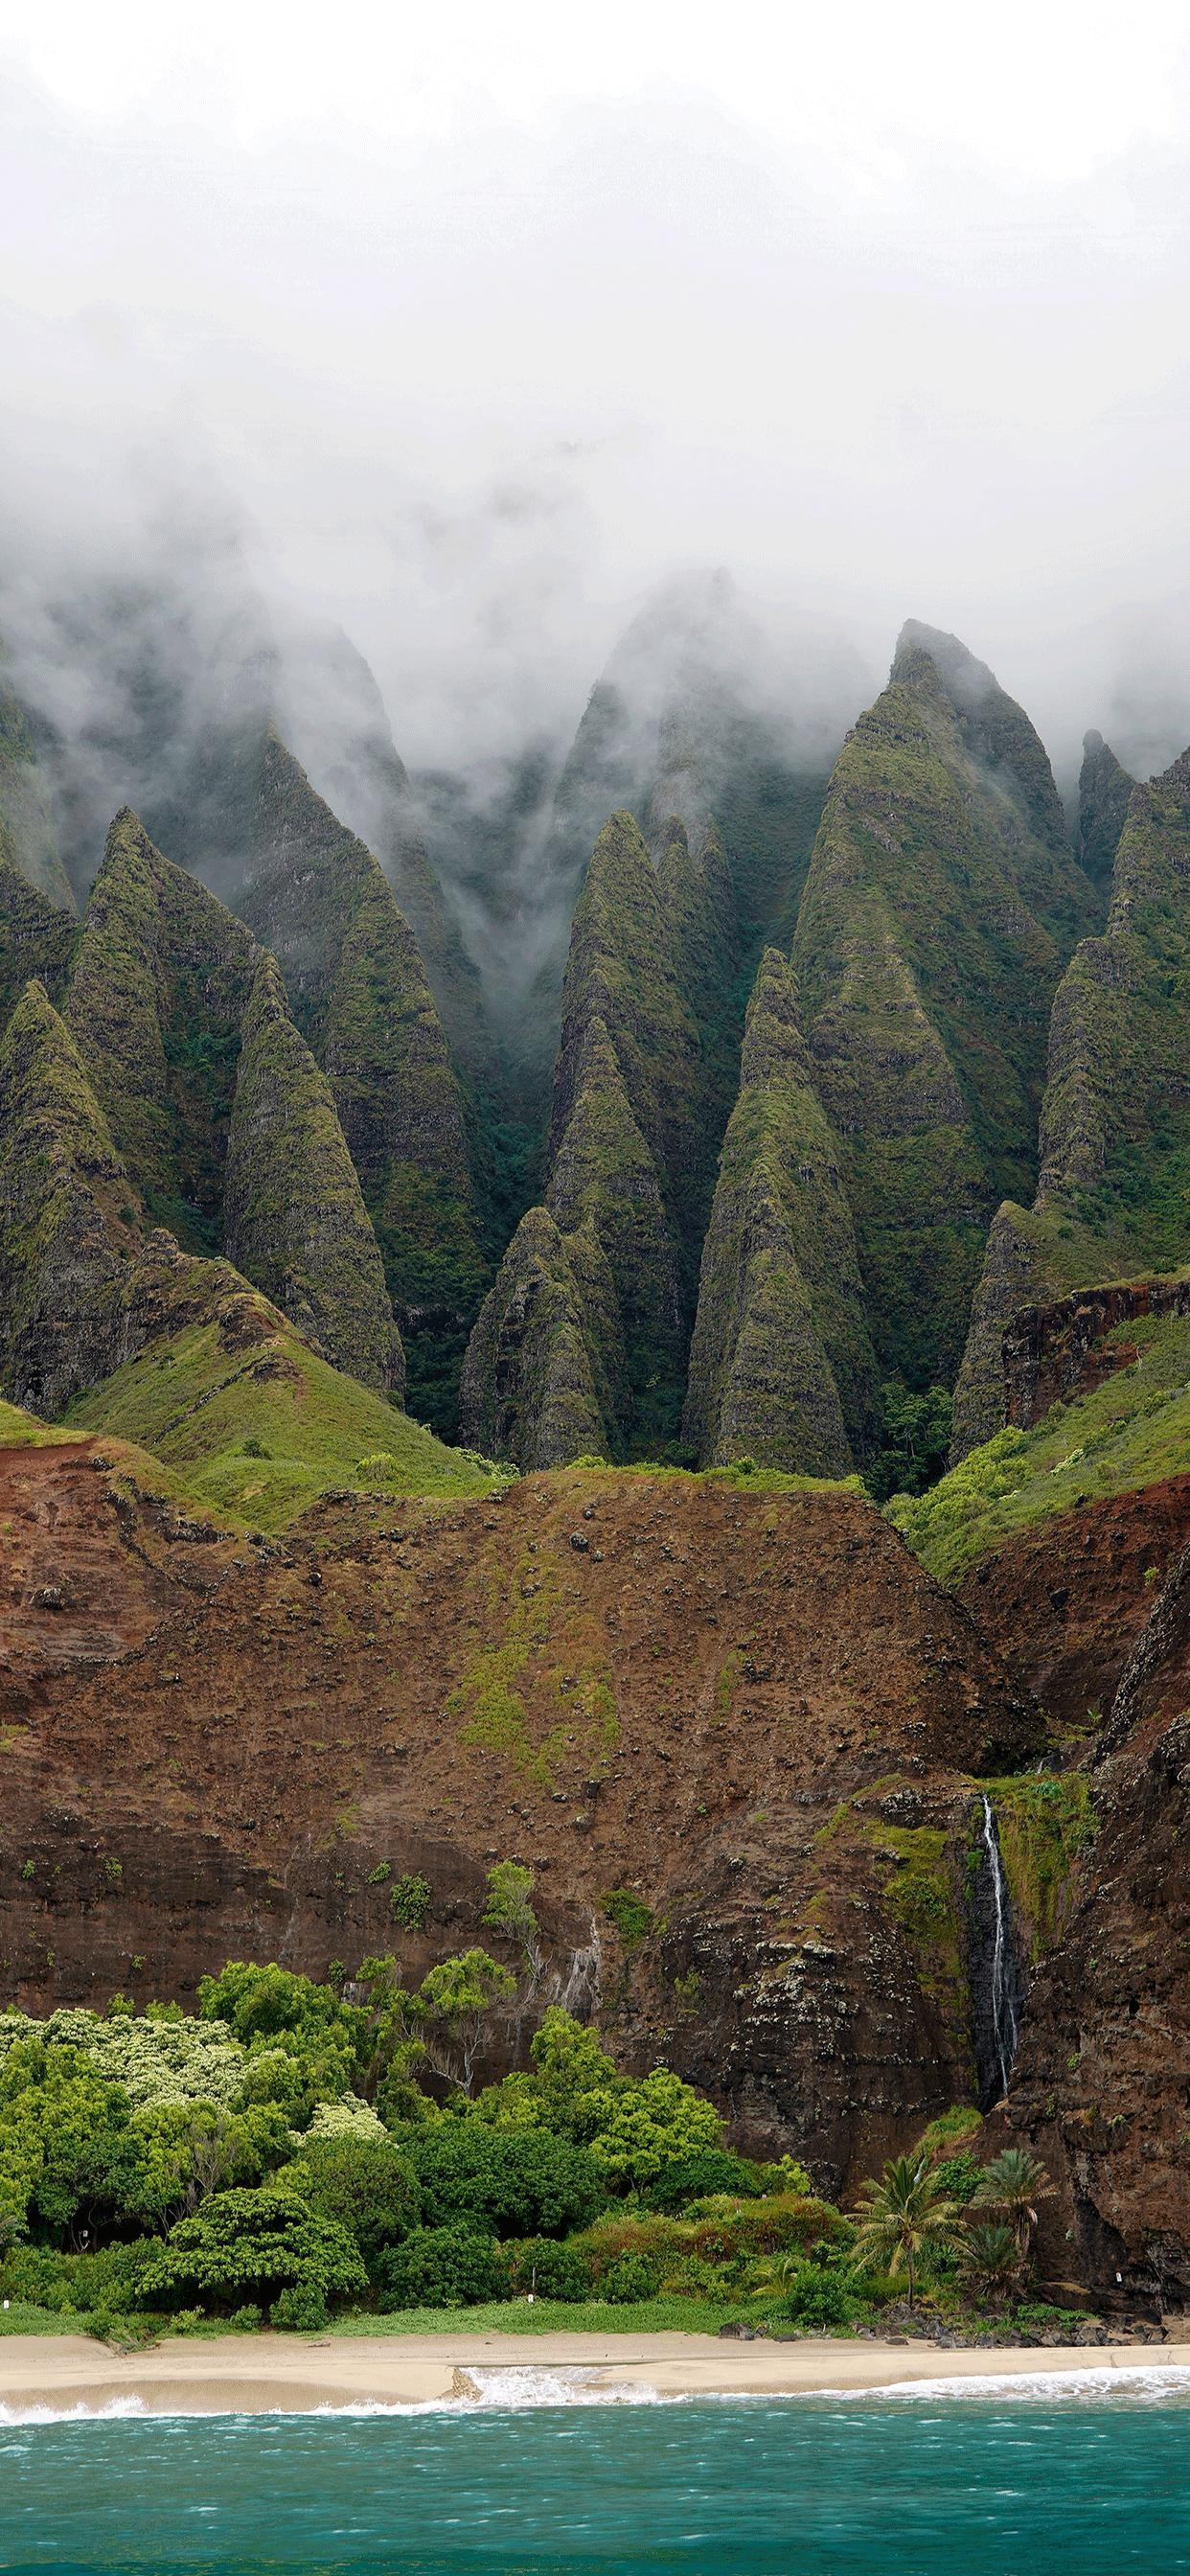 iPhone wallpaper Na%CC%84 Pali Coast fog Fonds d'écran iPhone du 29/03/2019